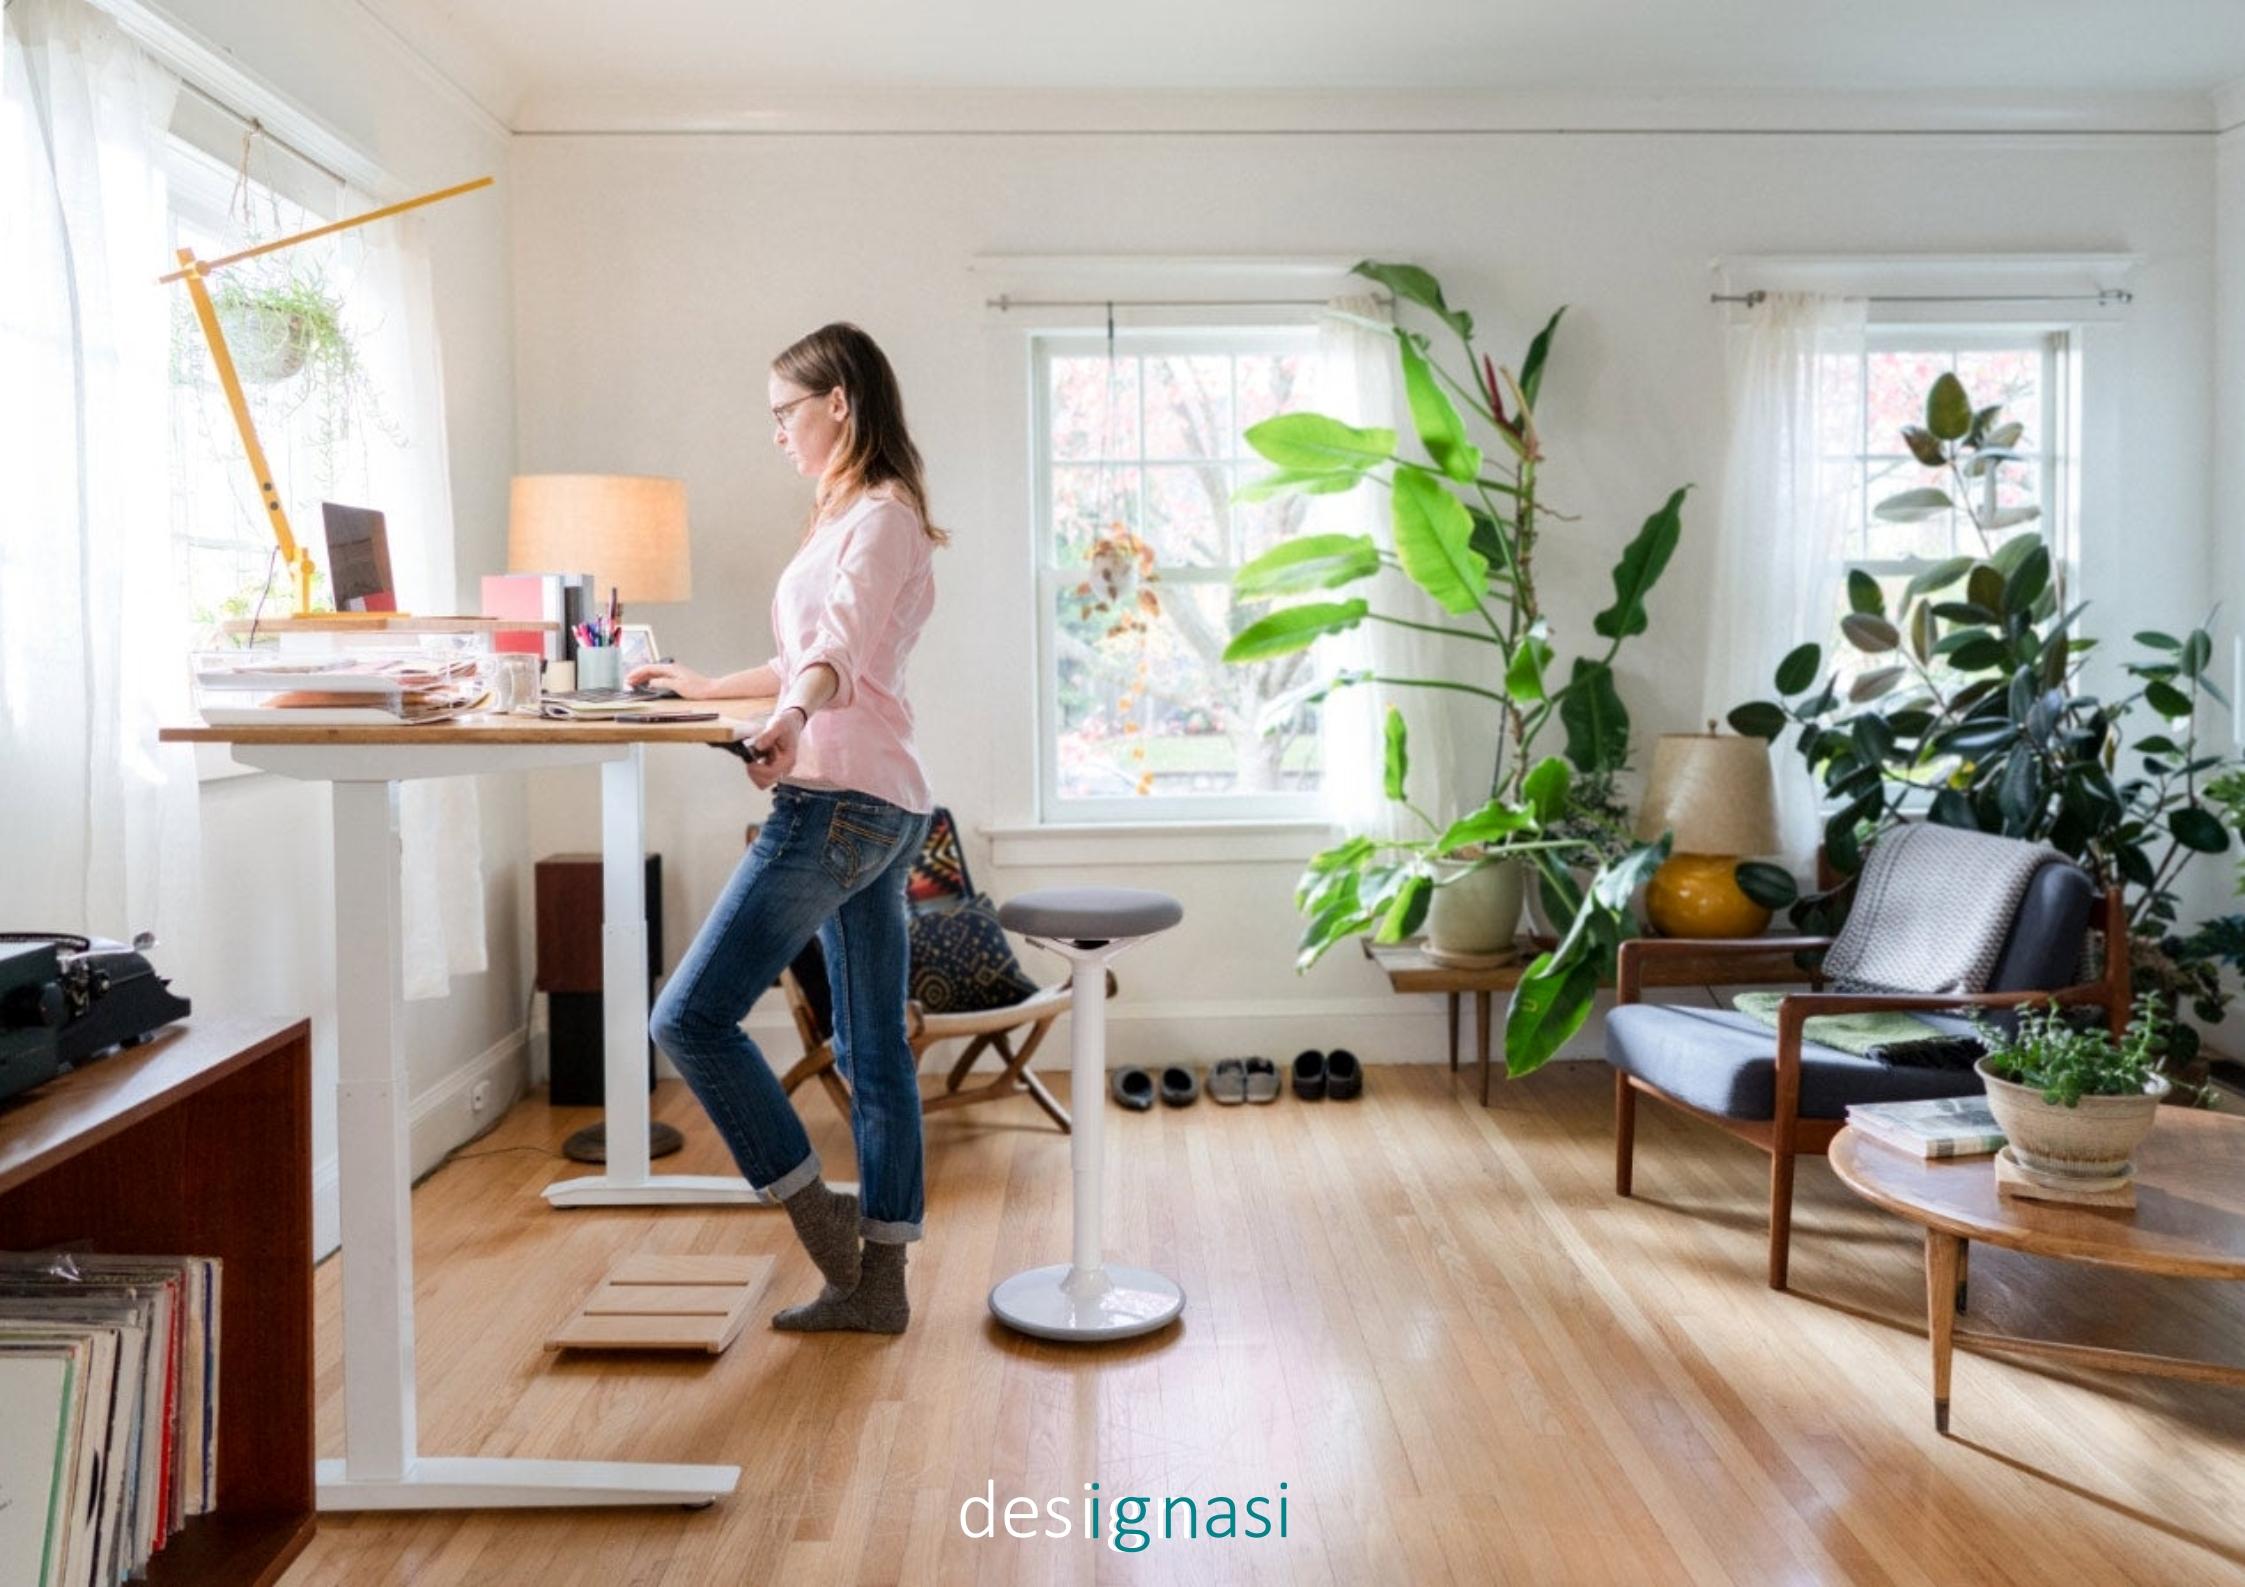 En este momento estás viendo El mobiliario es un reflejo de nuestro estilo de vida y la pandemia lo ha cambiado